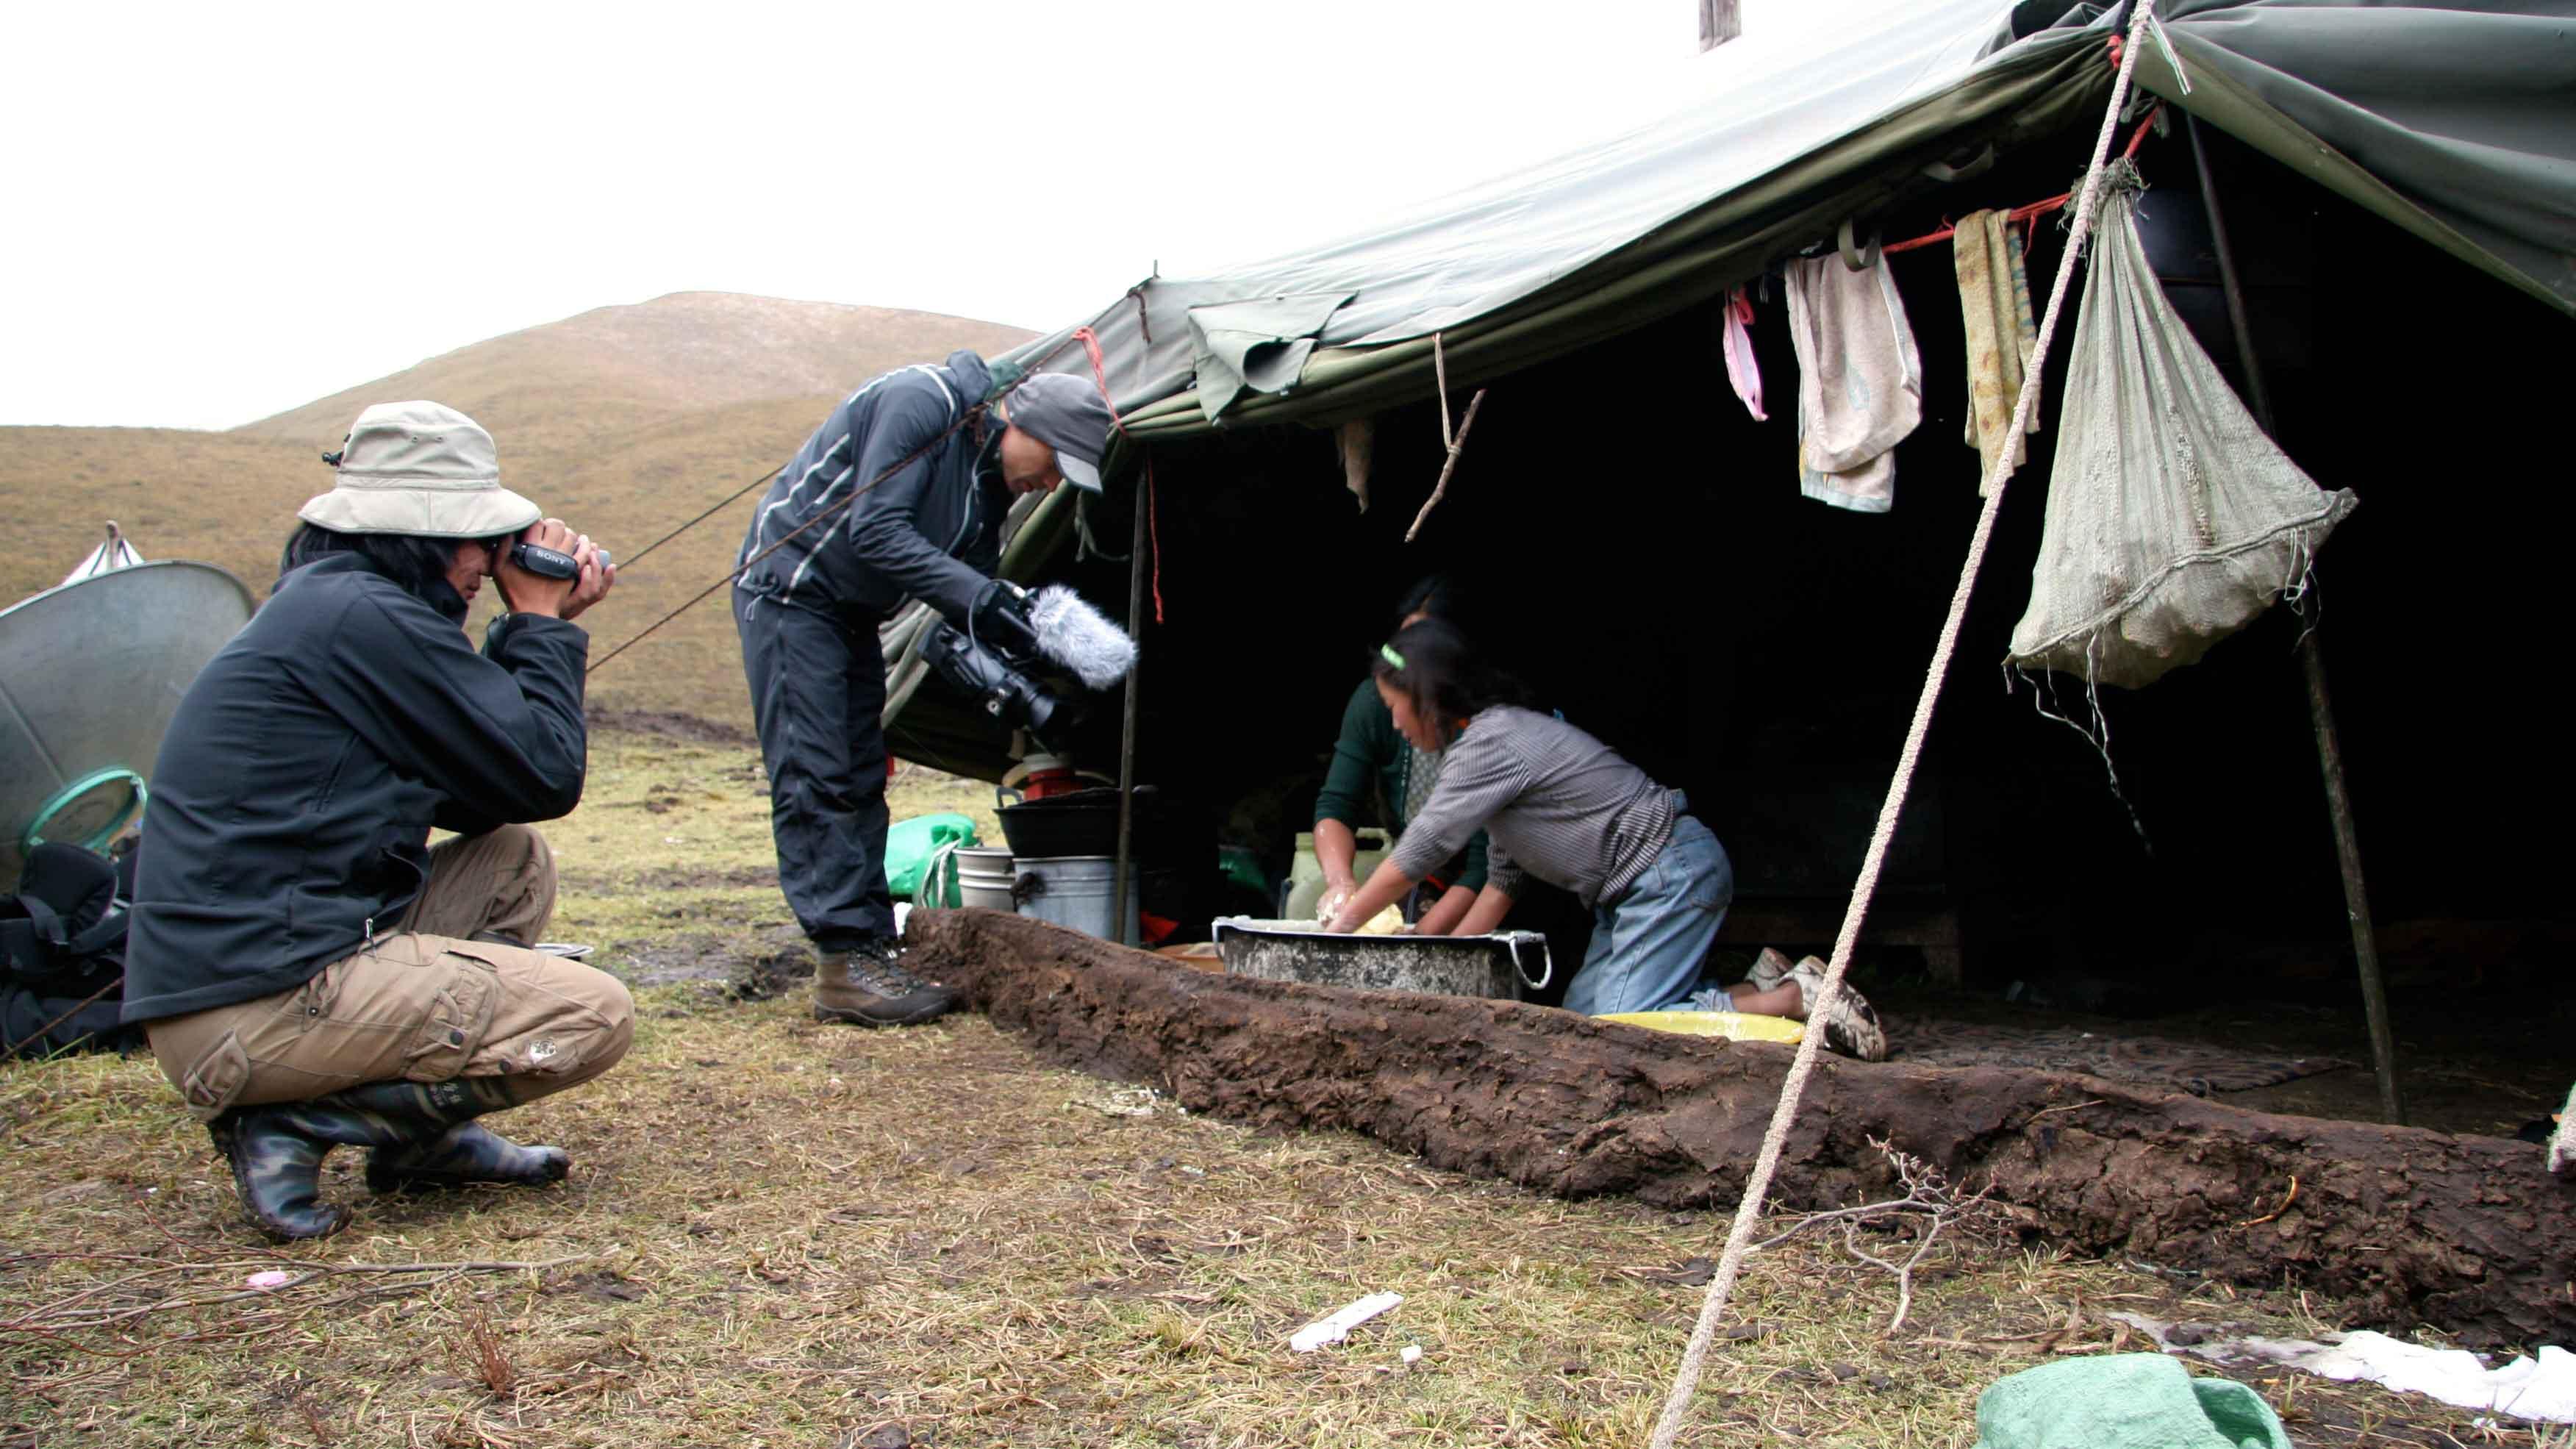 Tournage - Tibet : terre des braves - Geneviève Brault